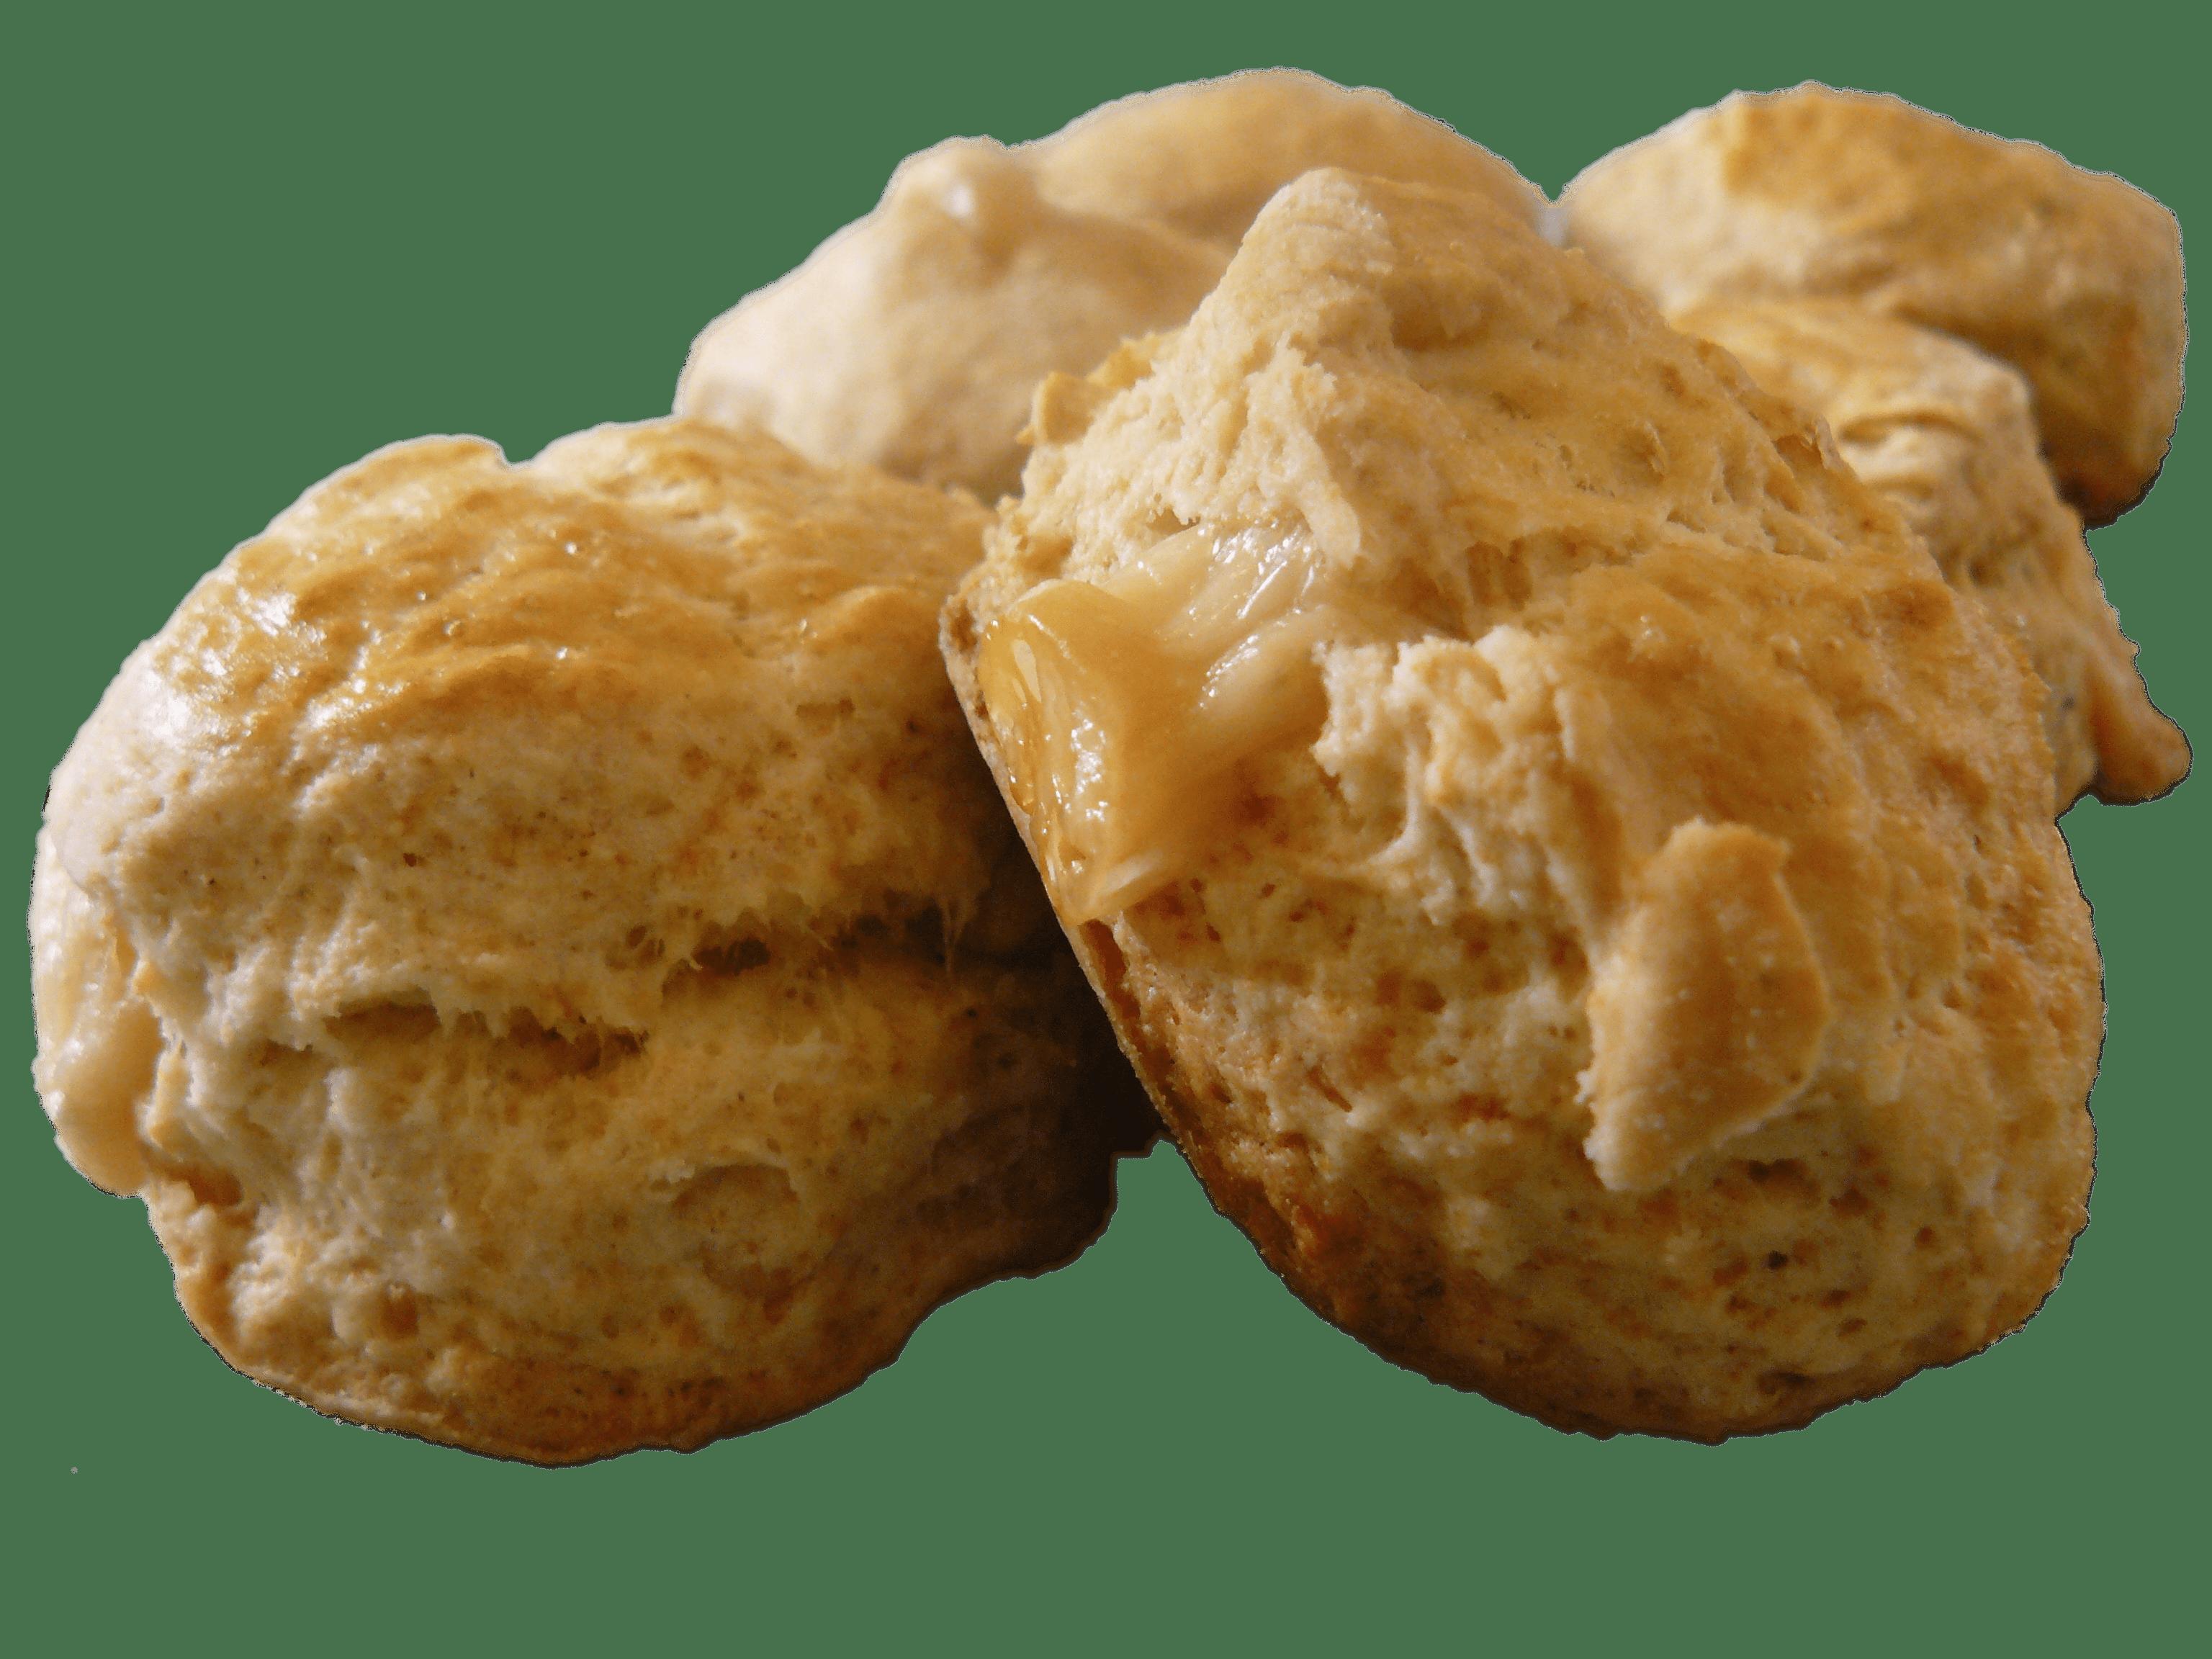 Baking clipart scones Baked Scones Freshly Scones Baked